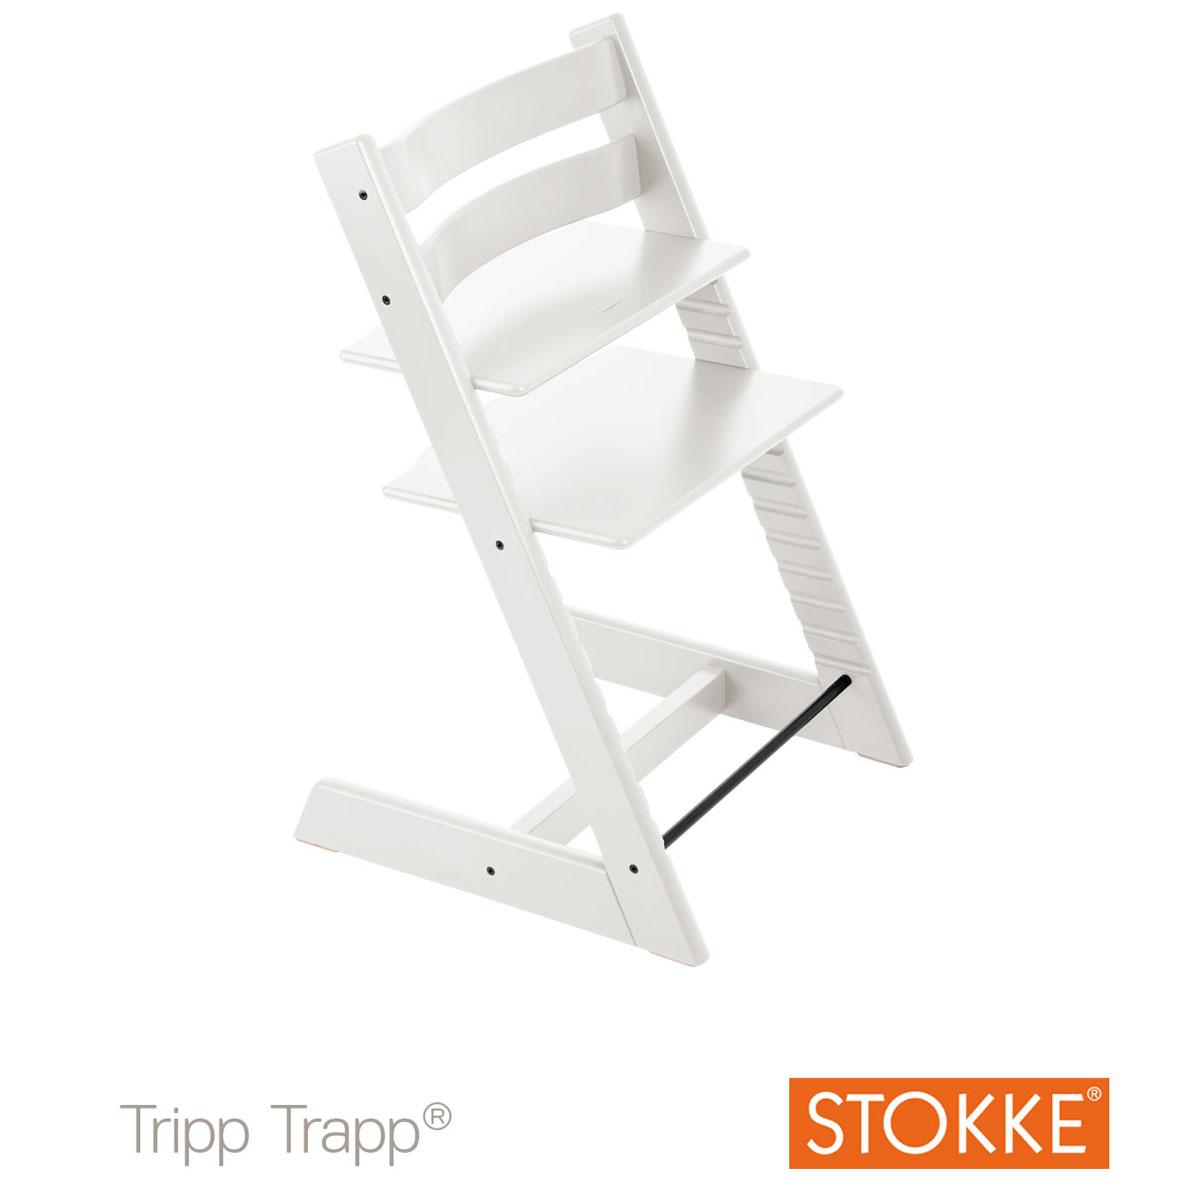 chaise haute bébé stokke tripp trapp